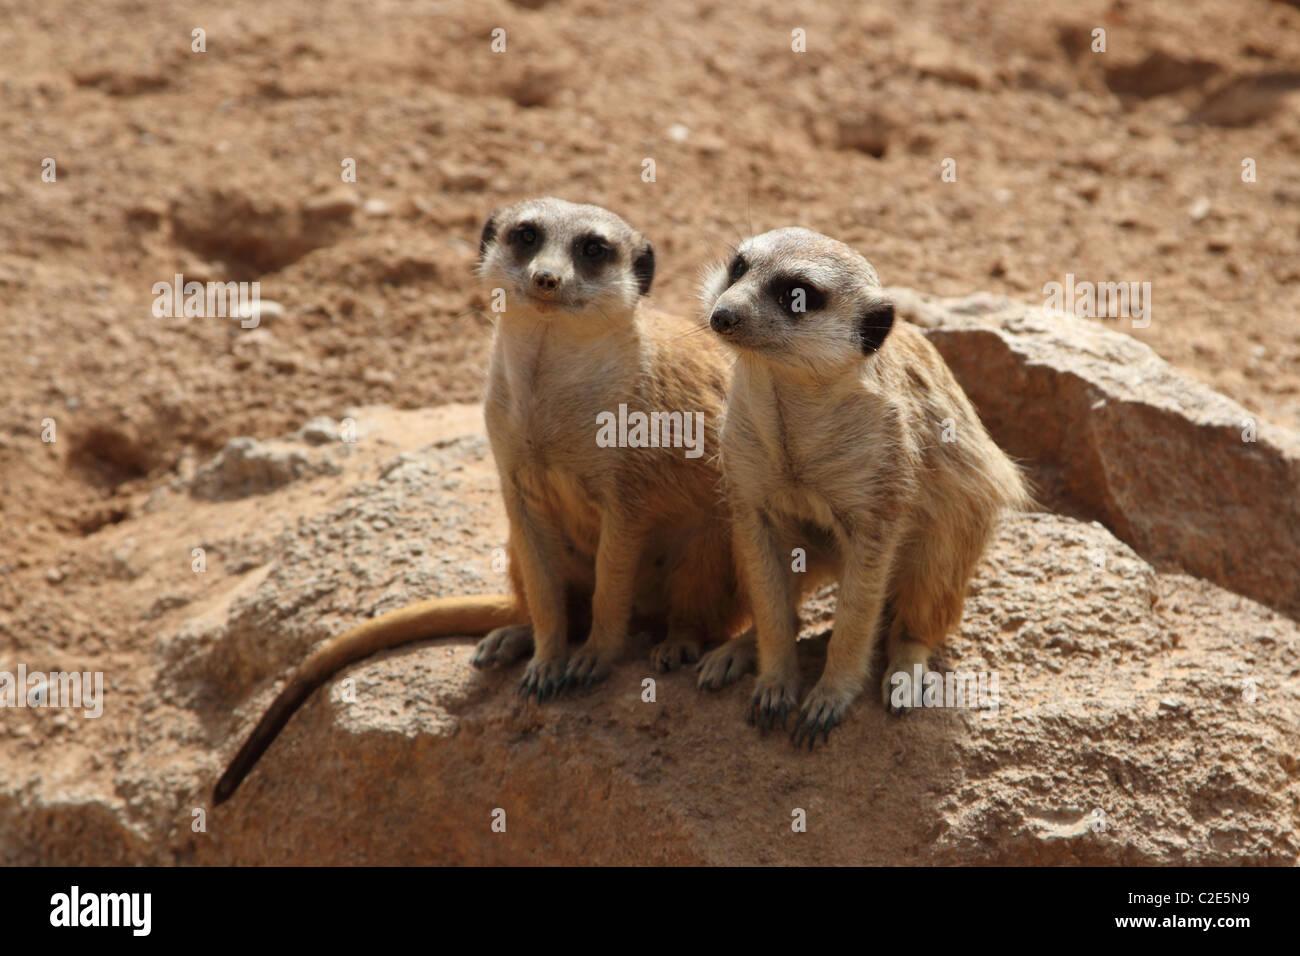 Meerkats - Stock Image